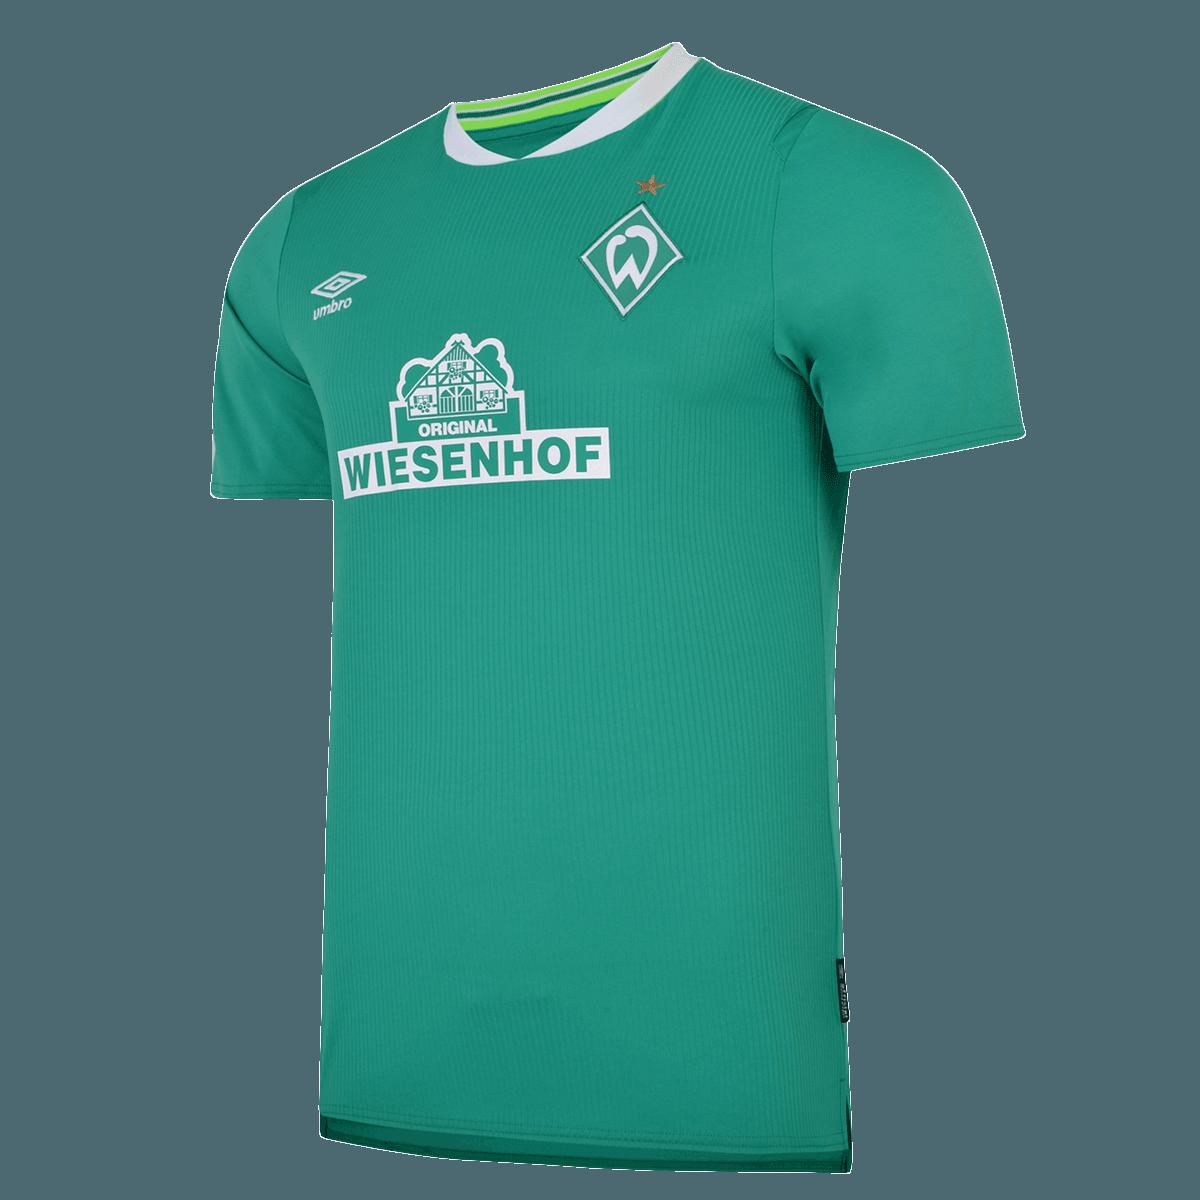 Wedden op Werder Bremen: Bundesliga live stream